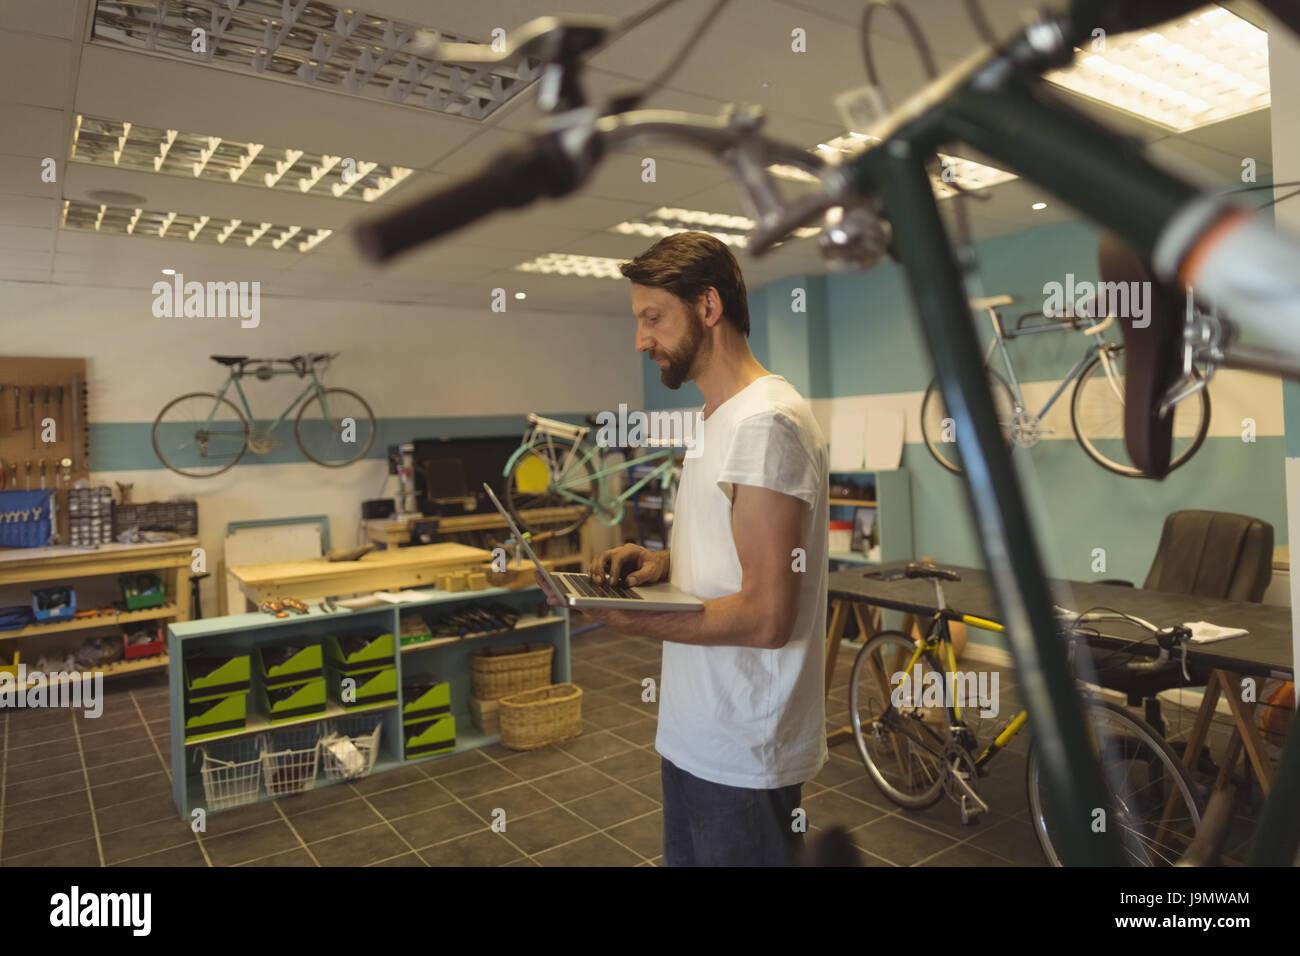 Vista laterale del dipendente utilizzando computer portatile mentre si sta in piedi in officina biciclette Immagini Stock